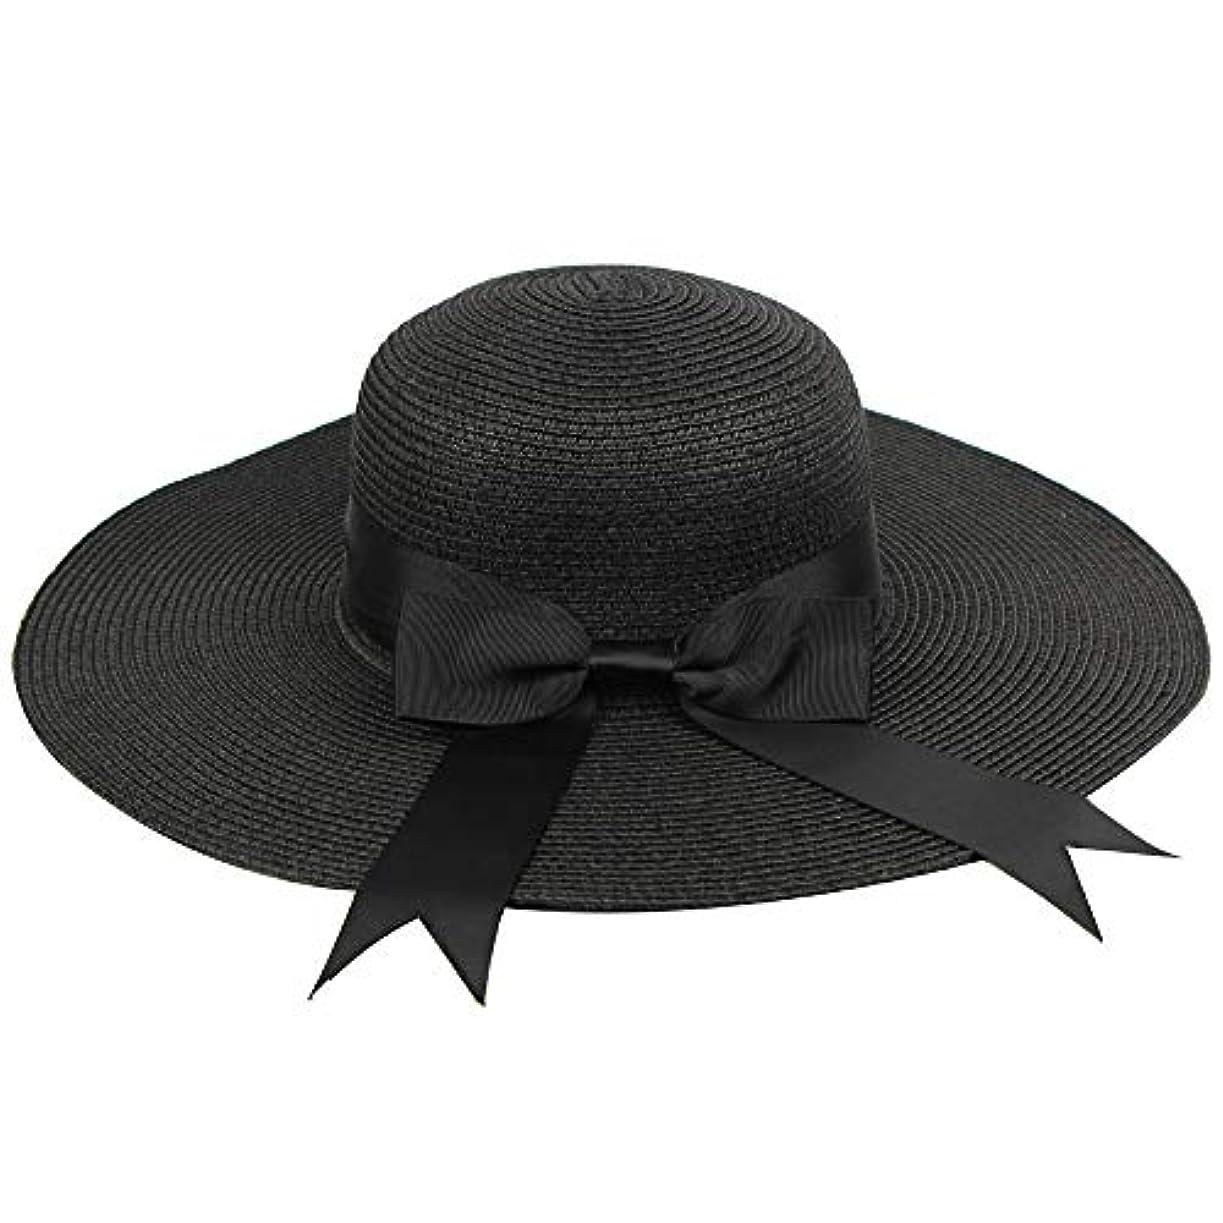 侮辱ヘッジ世界に死んだUVカット 帽子 ハット レディース 紫外線対策 日焼け防止 軽量 熱中症予防 取り外すあご紐 つば広 おしゃれ 広幅 小顔効果抜群 折りたたみ サイズ調節可 旅行 調節テープ 吸汗通気 紫外線対策 ROSE ROMAN